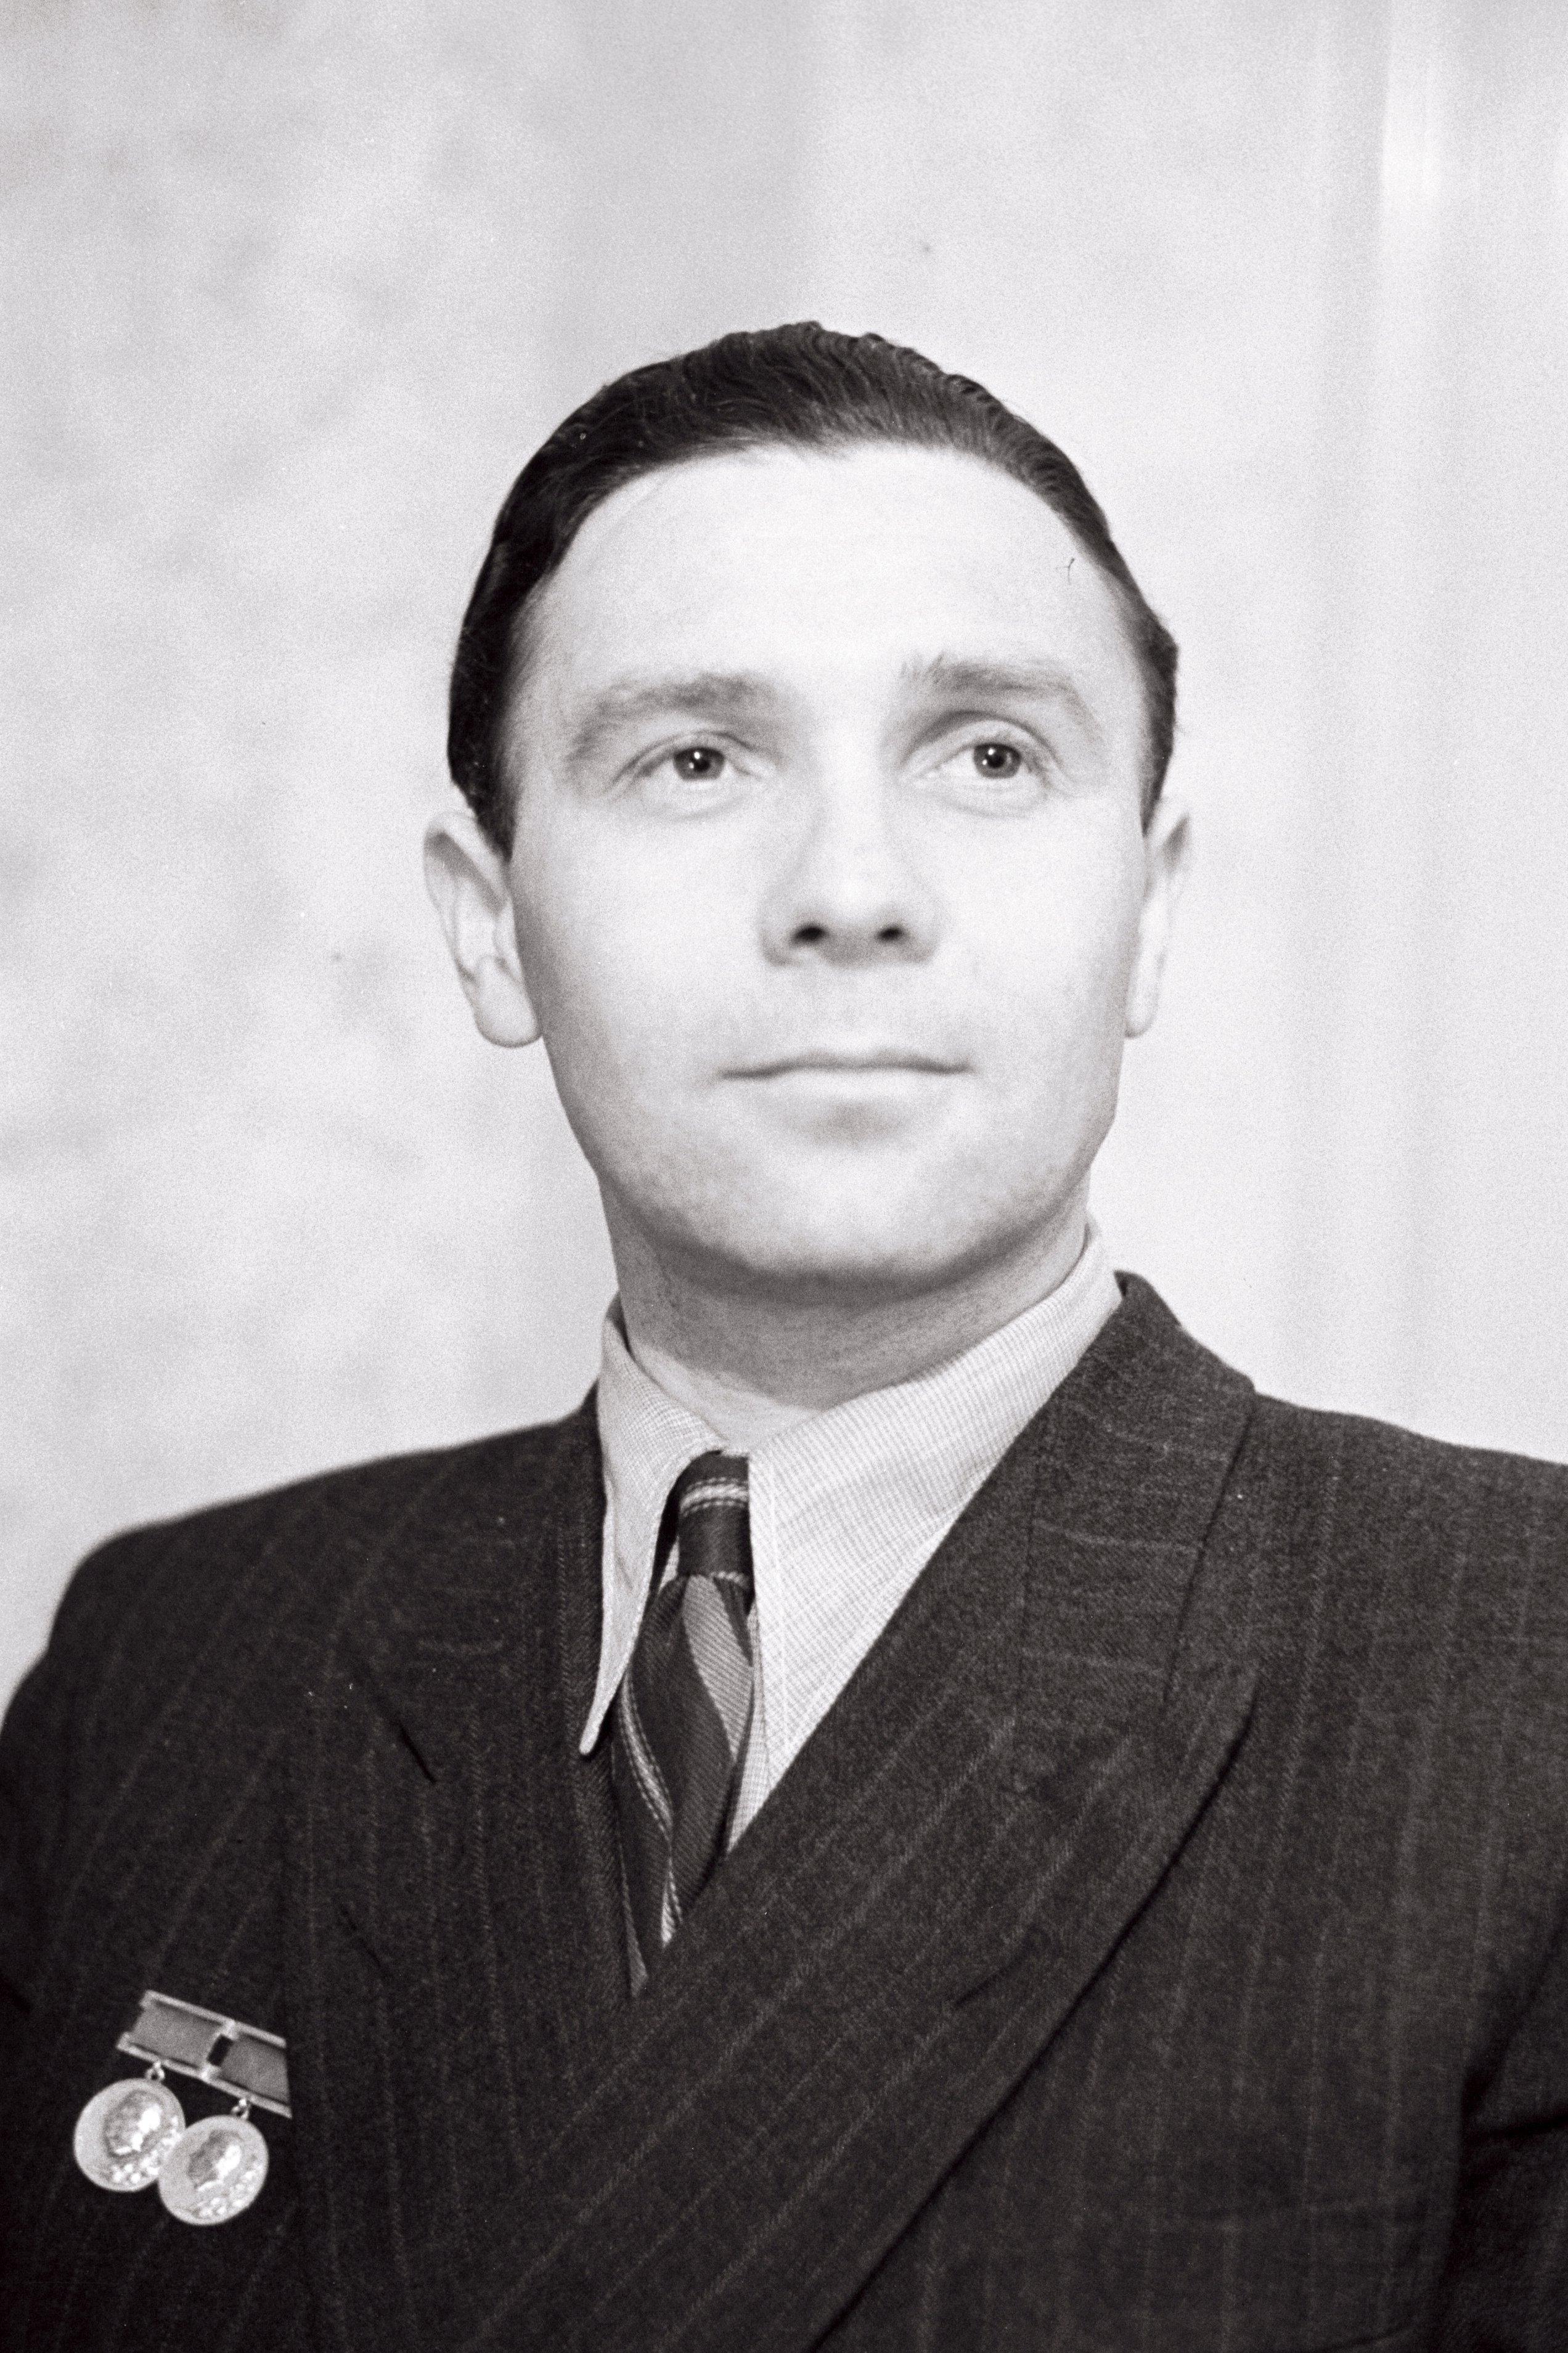 EFA 0-3784. Riikliku preemia laureaat, Tallinna Kinostuudio operaator Semjon Školnikov. Foto: Vladimir Gorbunov, 1951